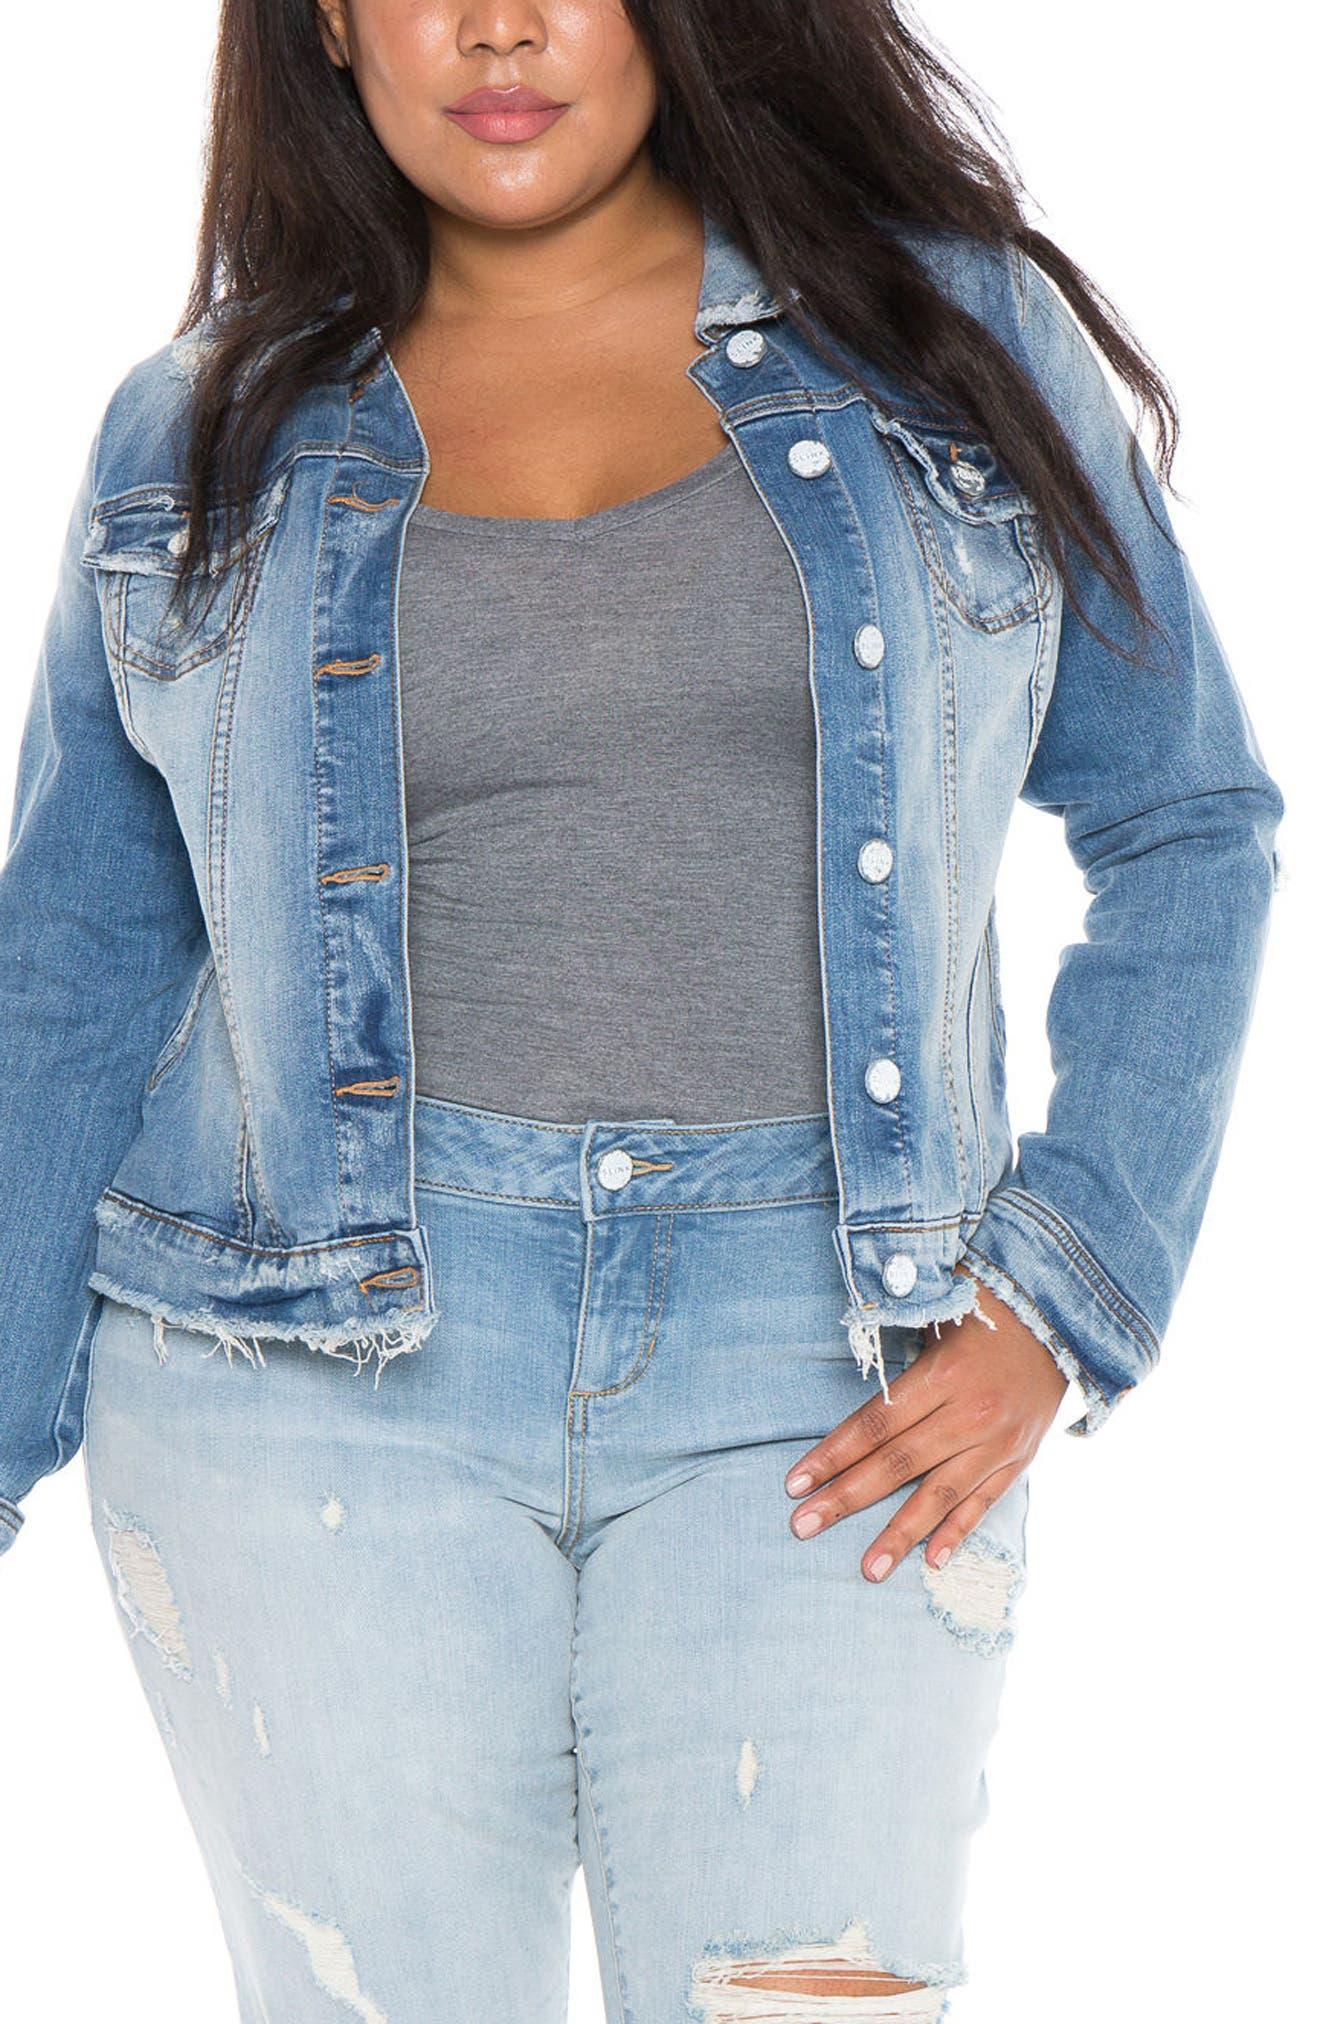 Alternate Image 1 Selected - SLINK Jeans Denim Jacket (Plus Size)